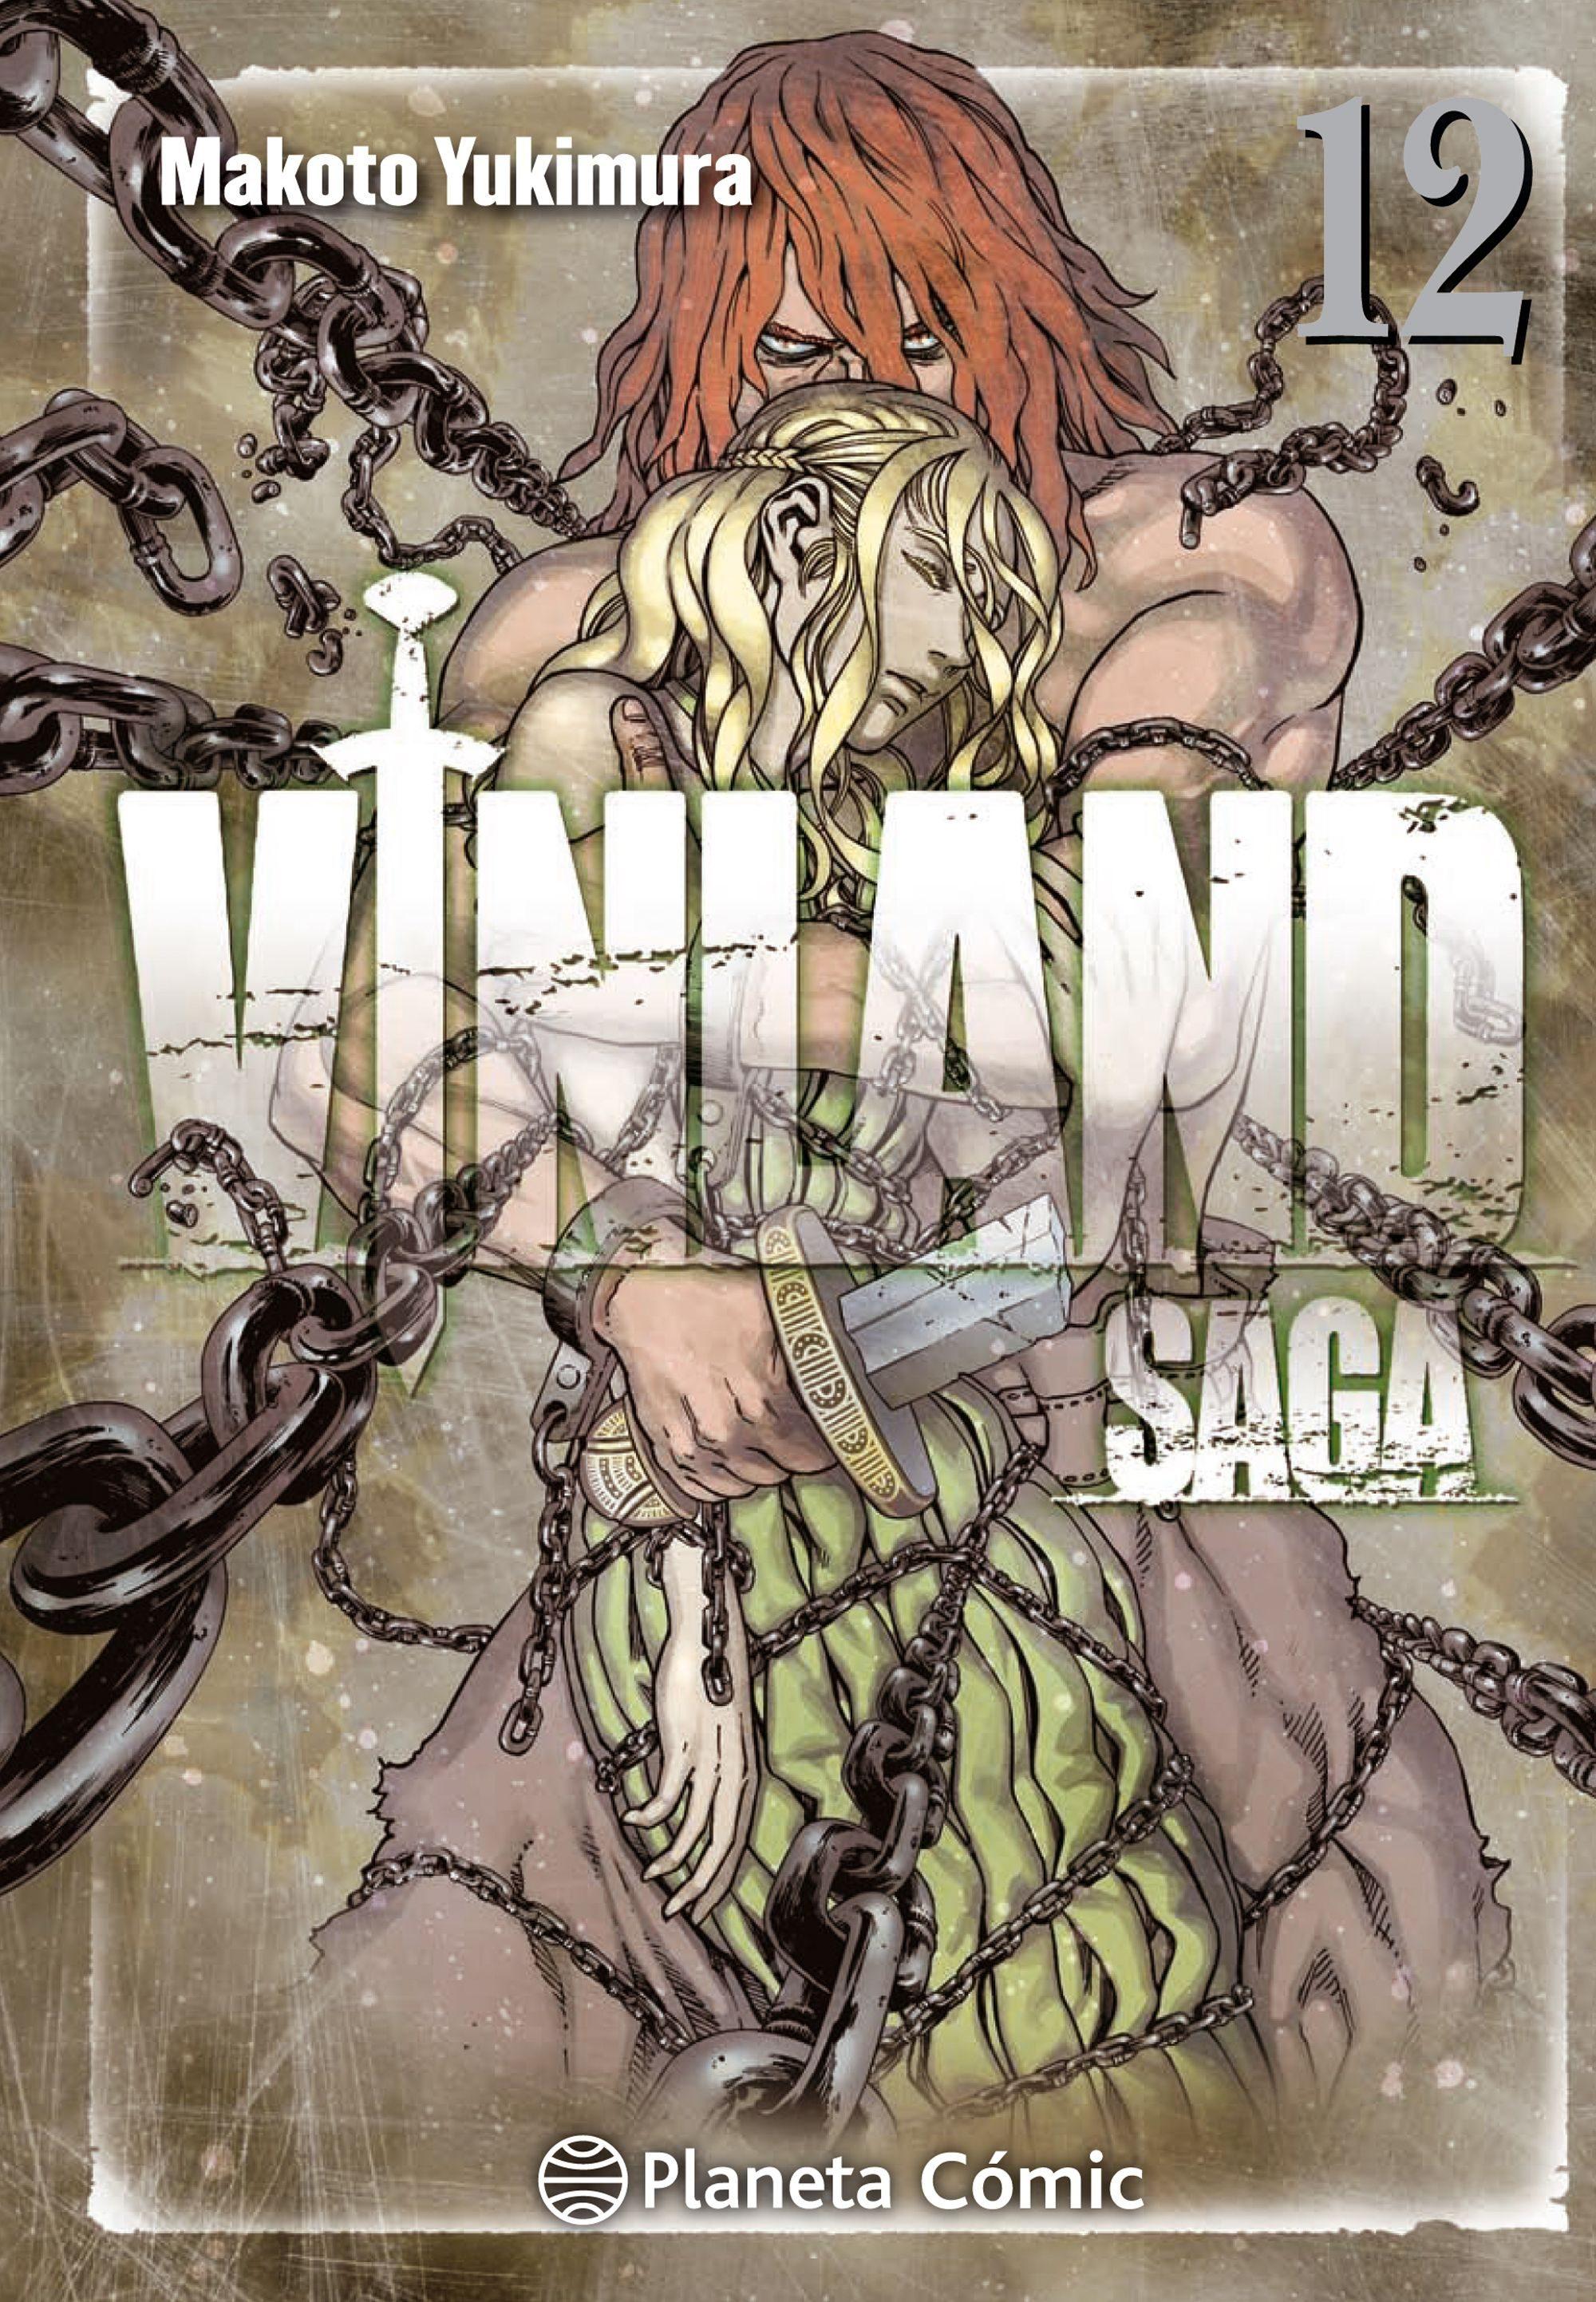 Vinland Saga 12 - Makoto Yukimura - Planeta